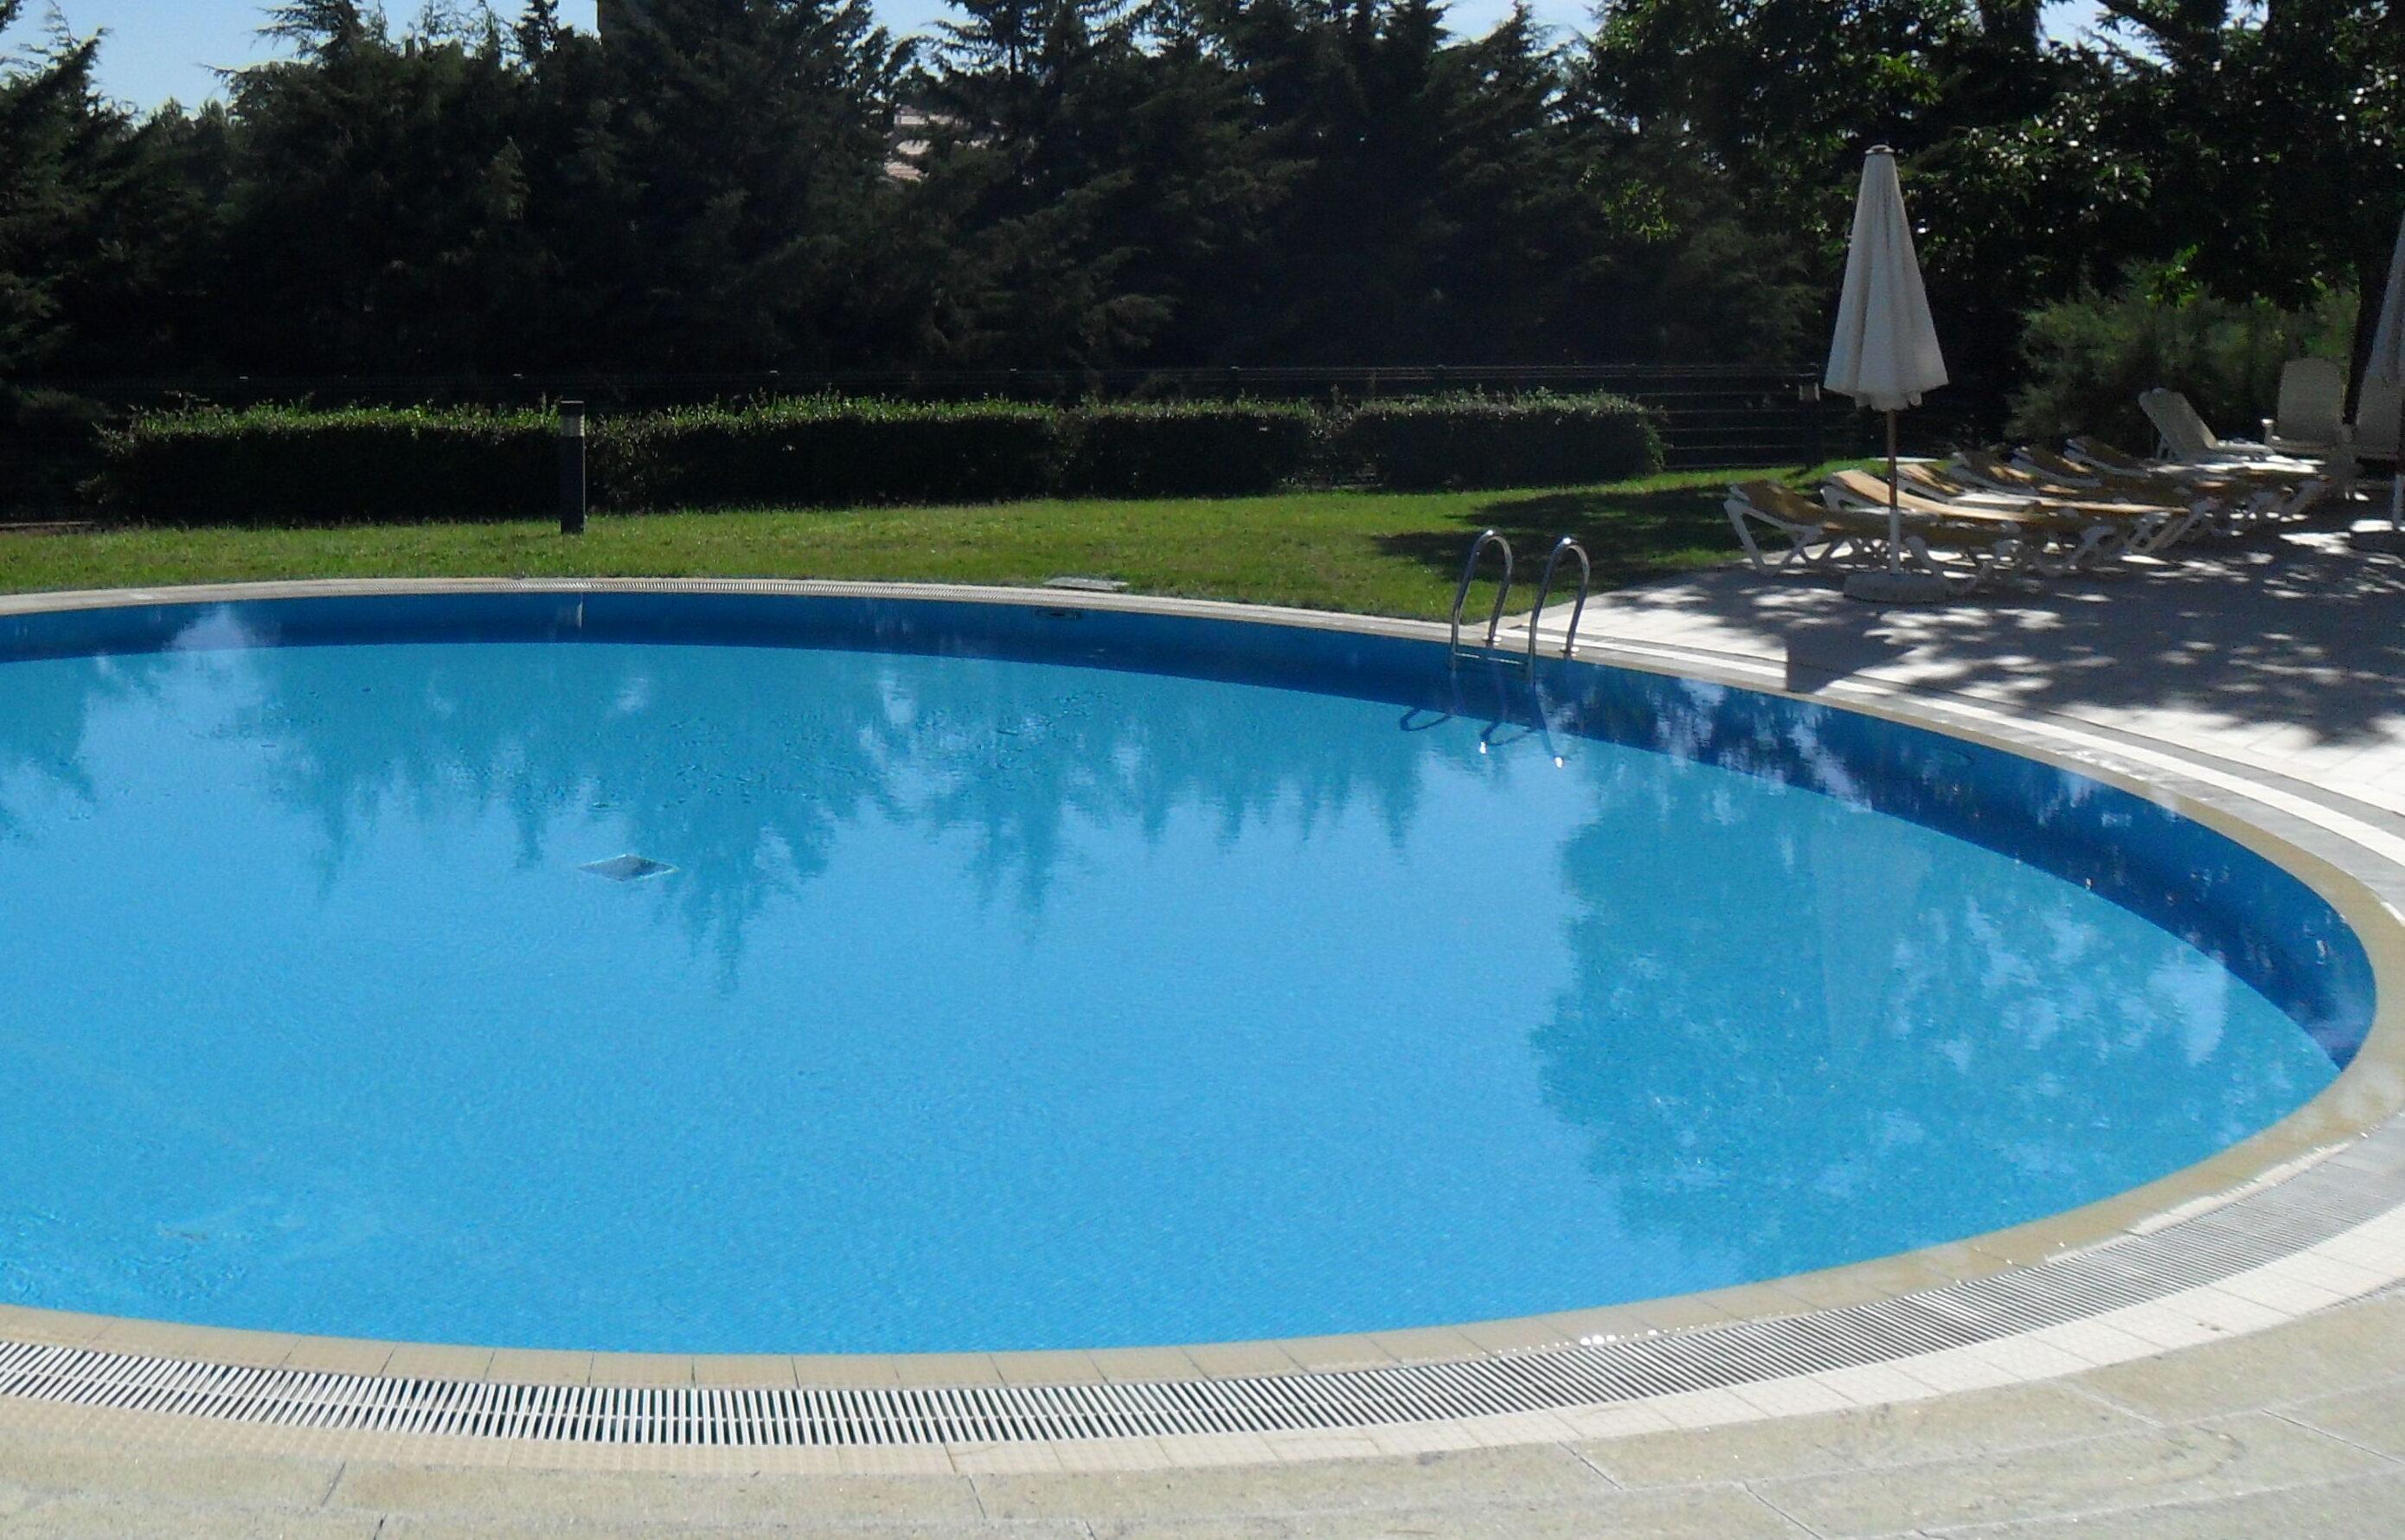 Tragica scoperta nel Catanese, donna trovata morta in piscina: ipotesi suicidio